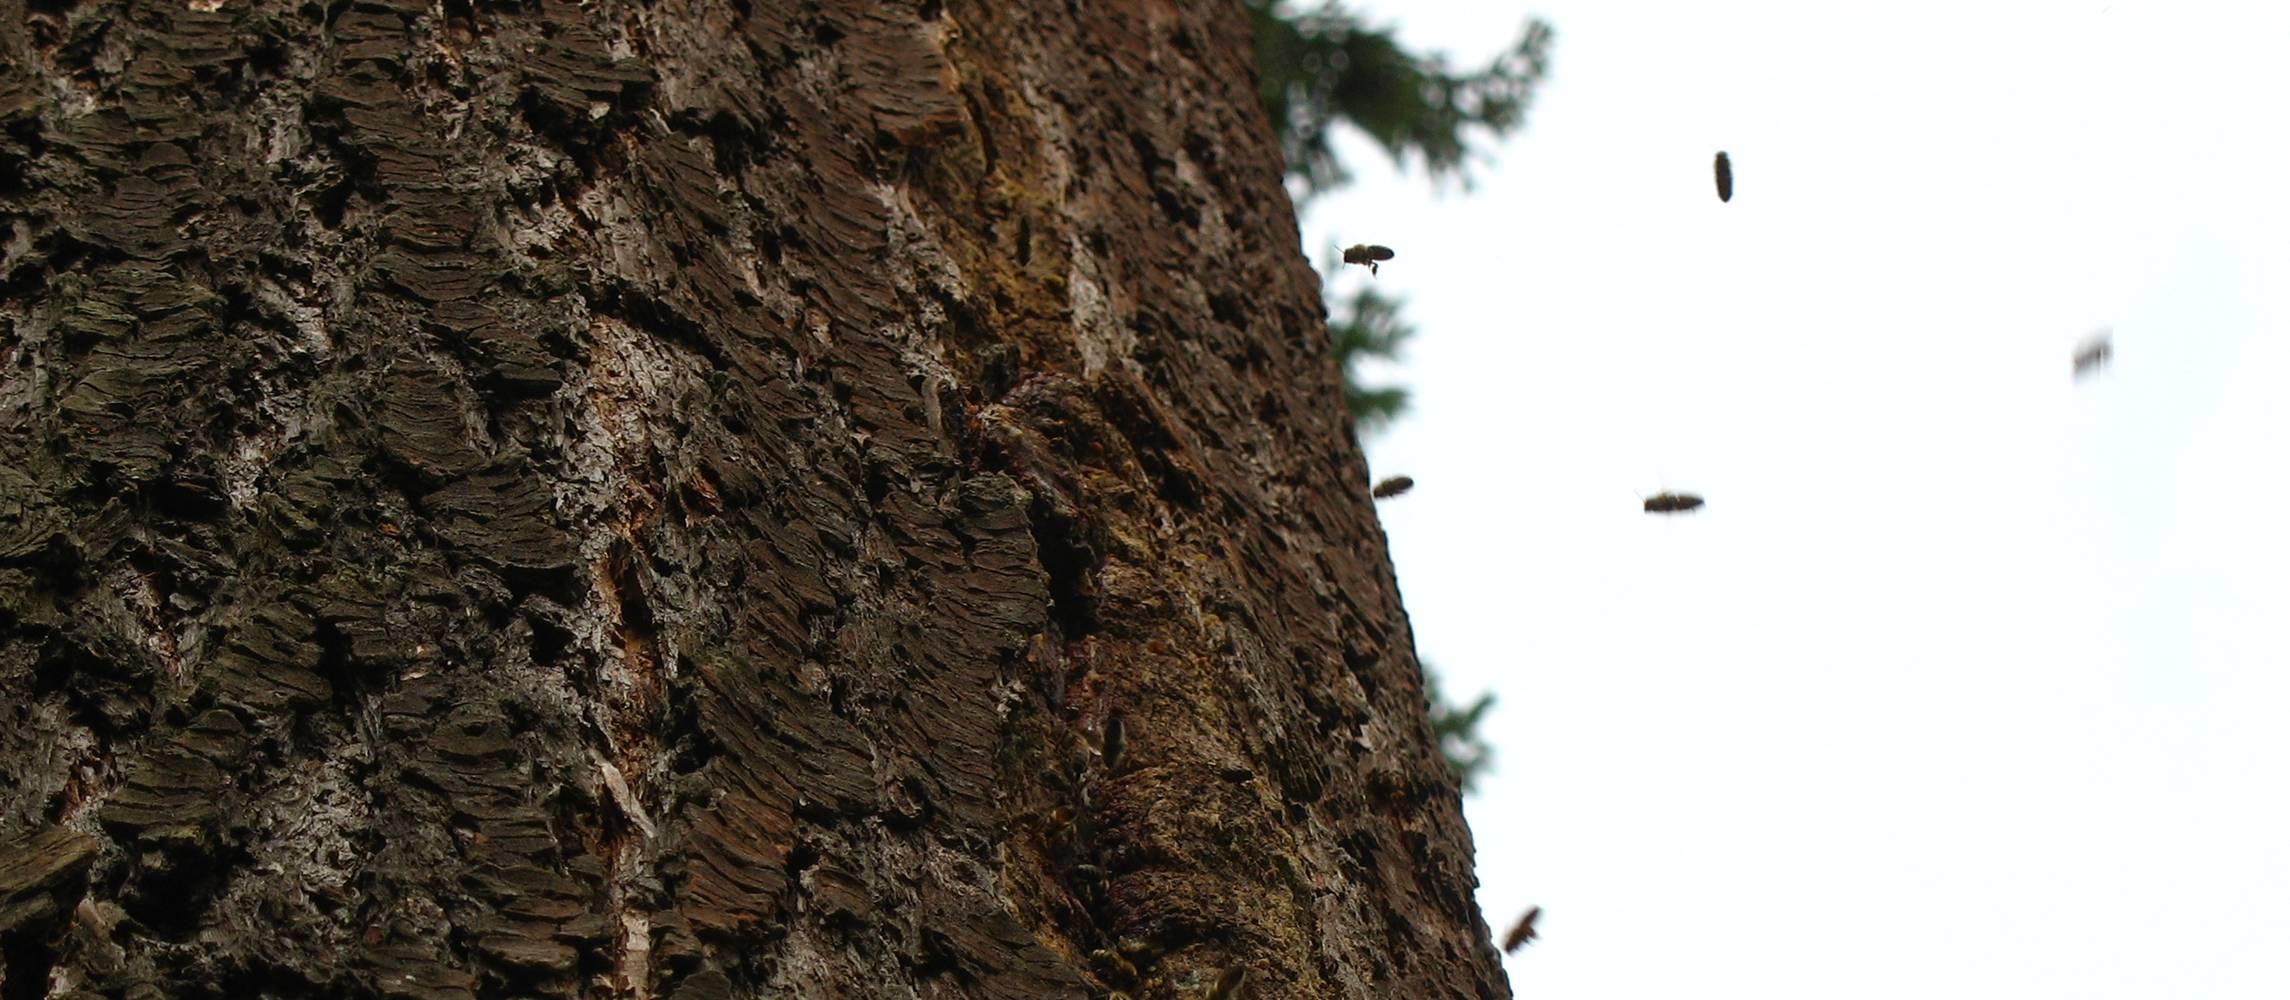 Gibt es wildlebende Honigbienen? @ Forum 3